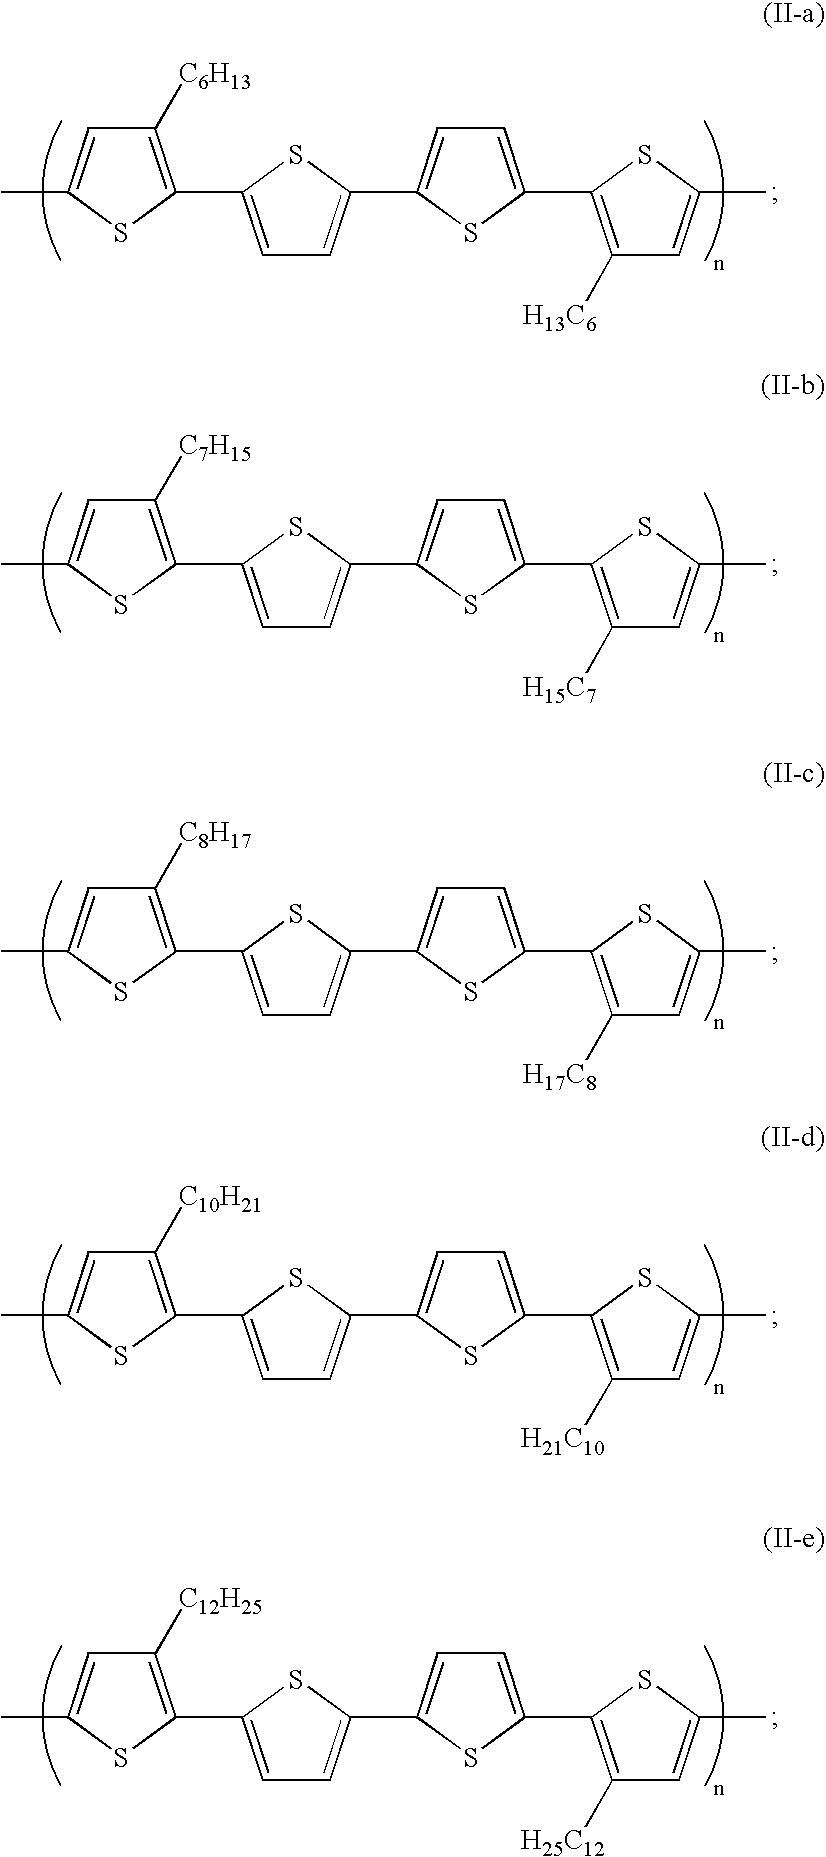 Figure US20050017311A1-20050127-C00016